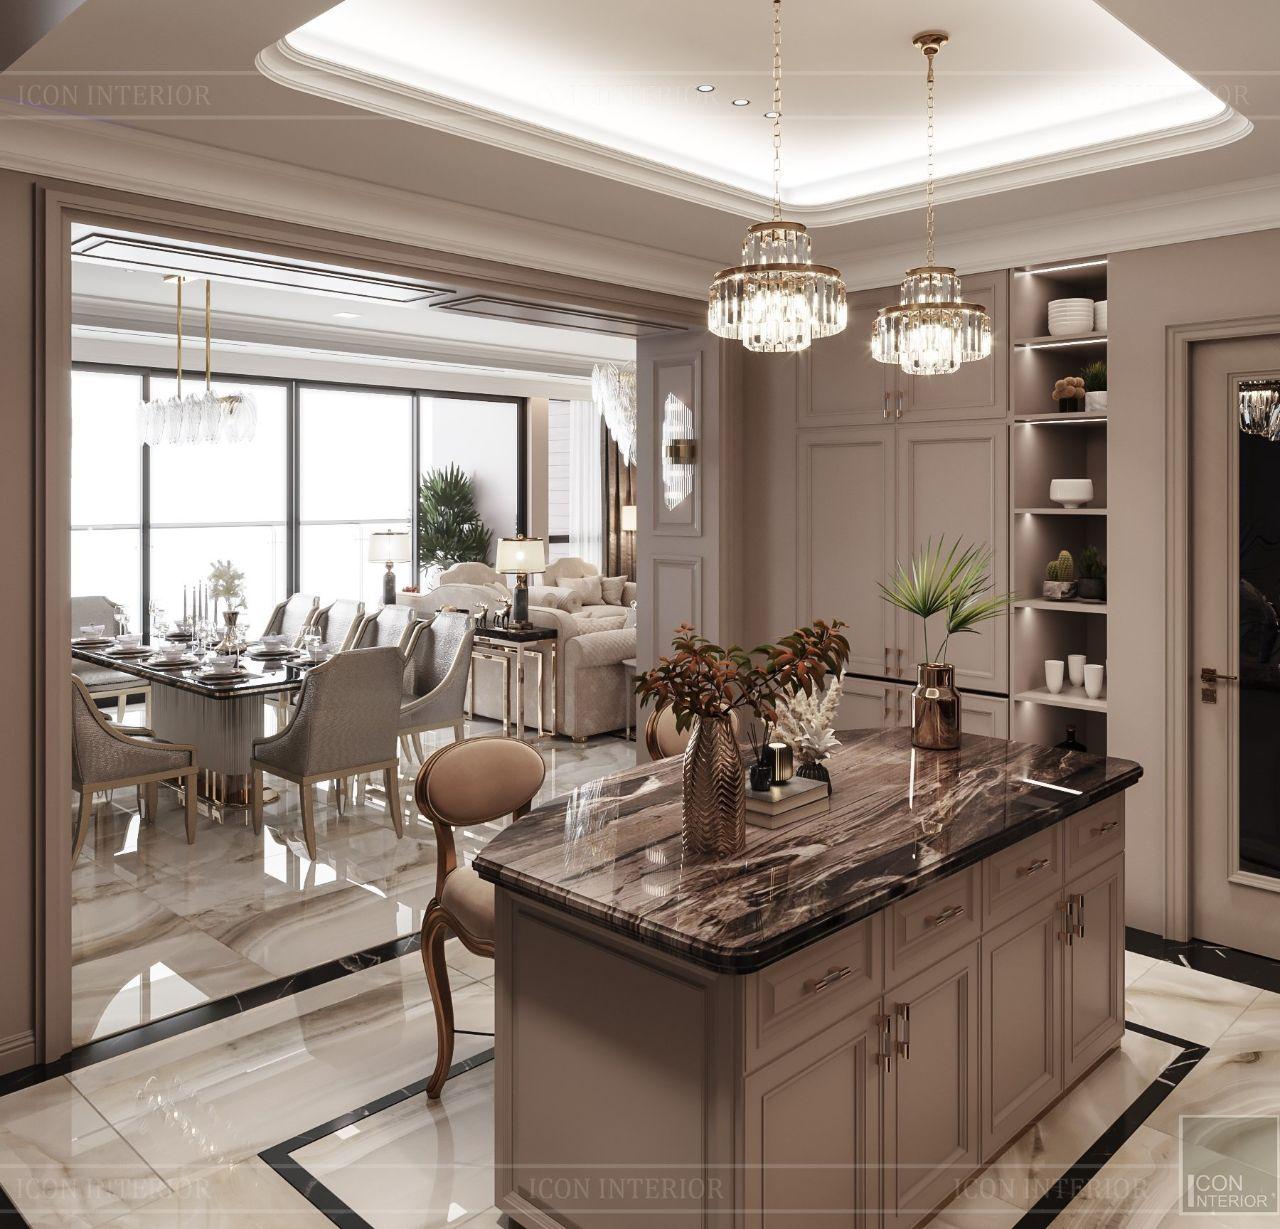 thiết kế đảo bếp cao cấp